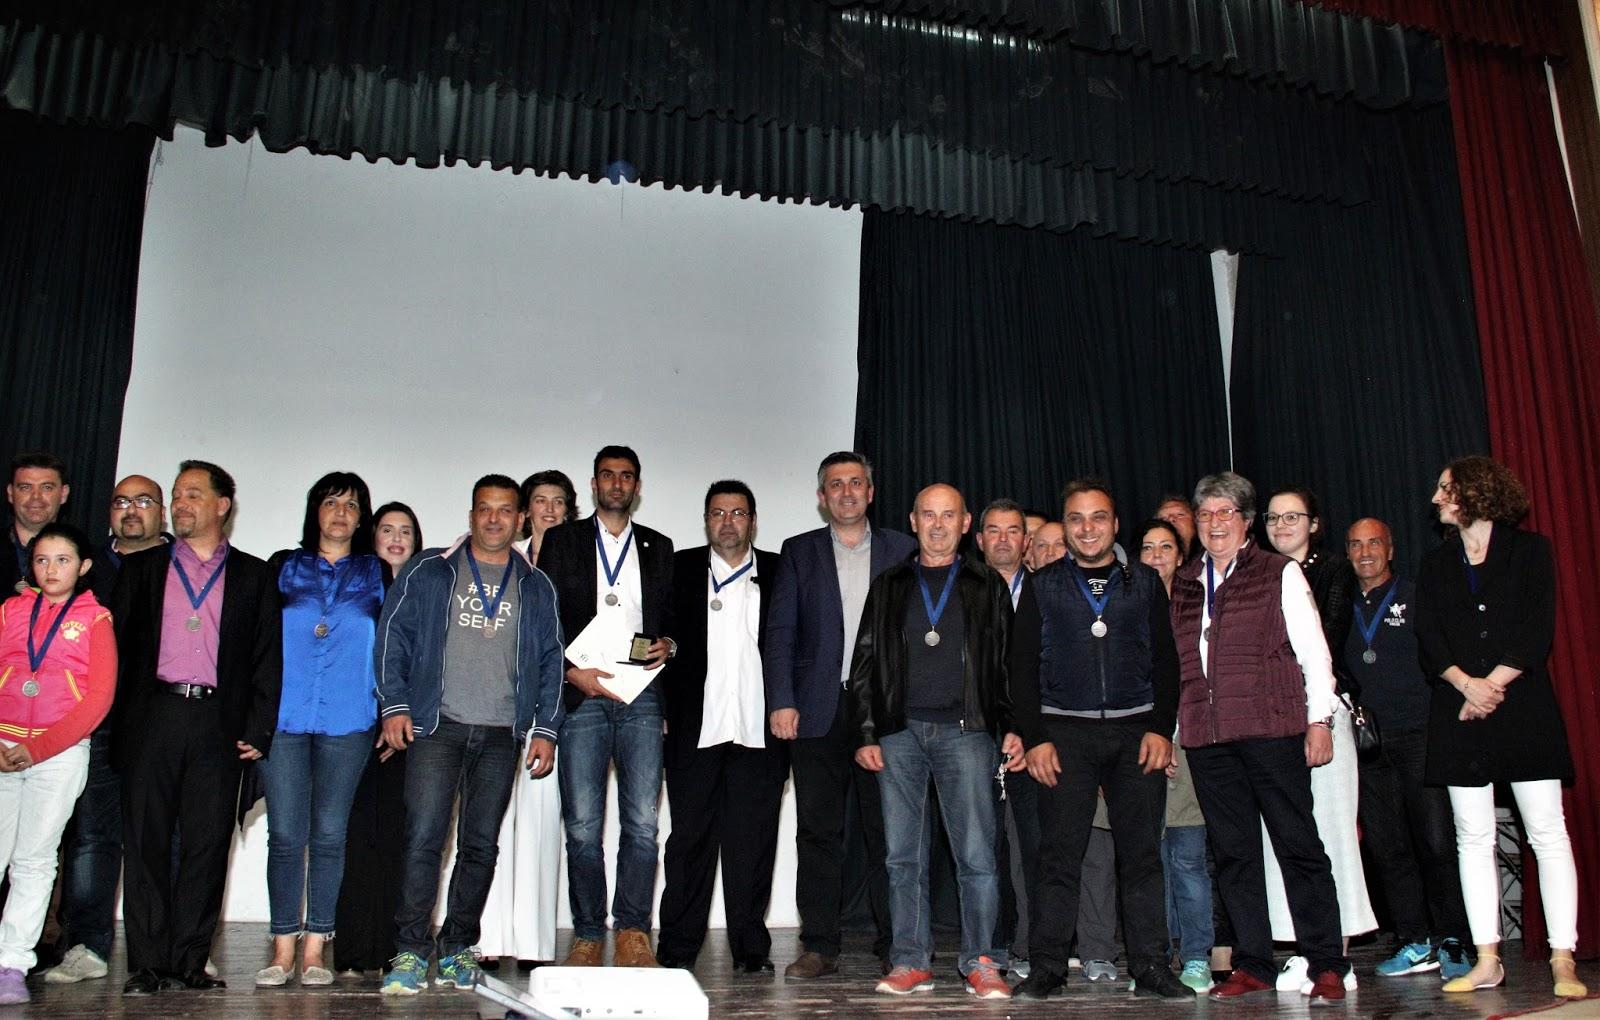 Αποτέλεσμα εικόνας για Βραβεύθηκαν οι 200 και πλέον εθελοντές που συμμετείχαν στον «4ο Δρόμο του Γιοφυριού»